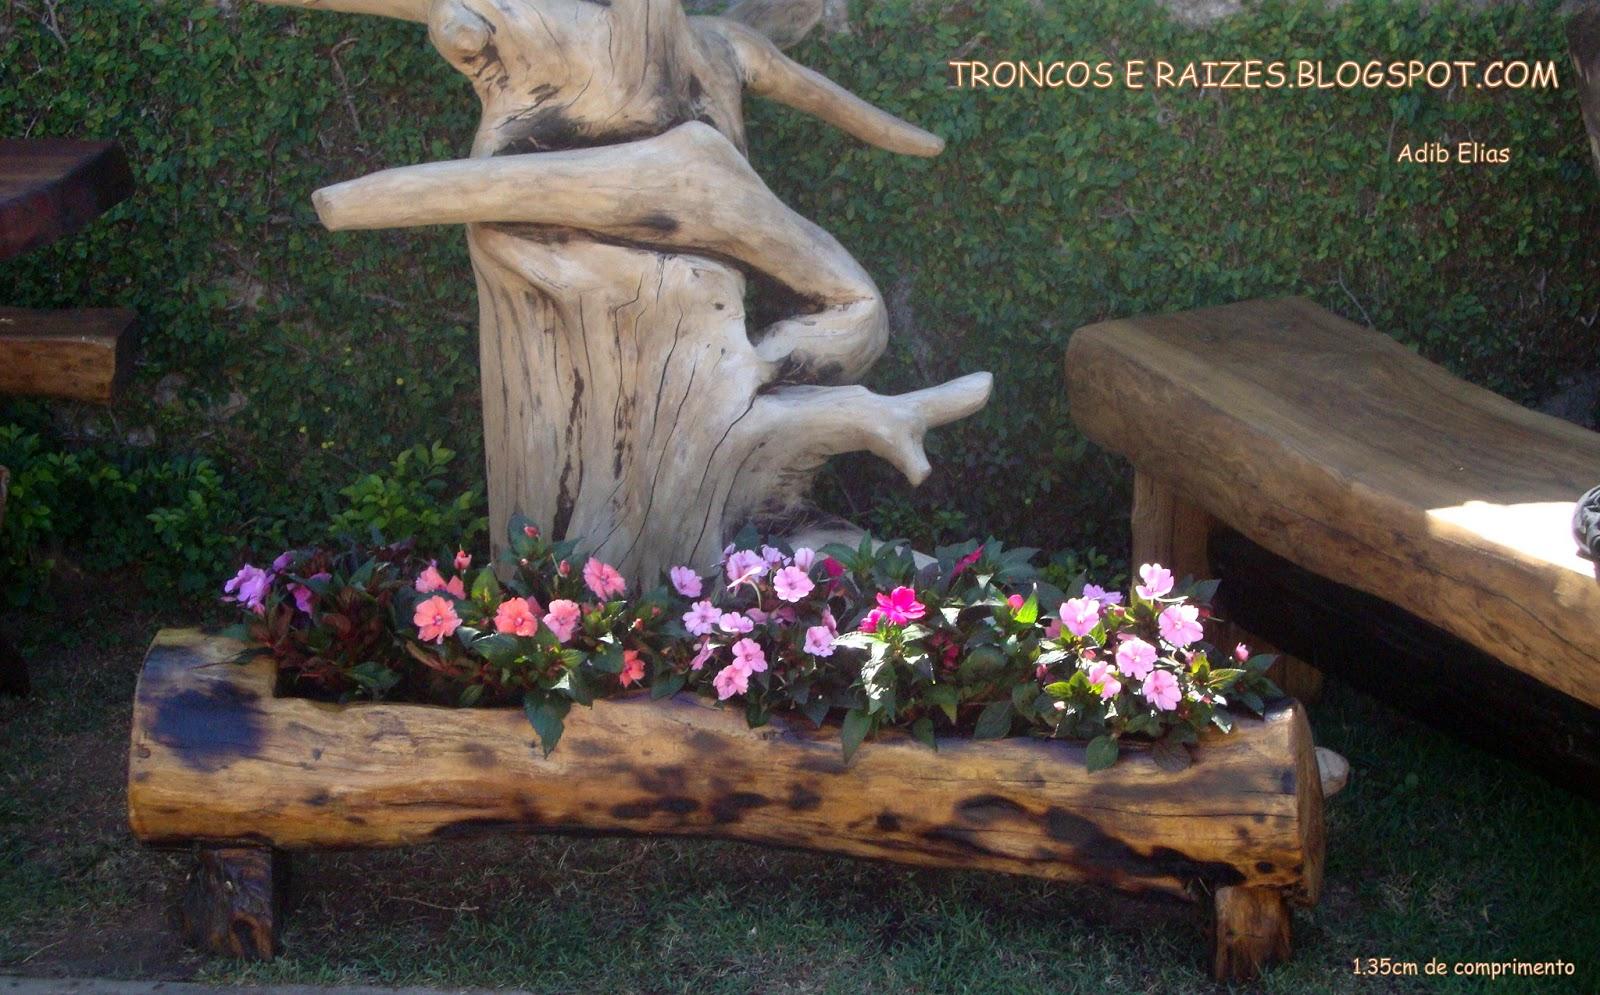 Floreira em madeira reciclada (Jacarandá) com Impatiens #93388A 1600x995